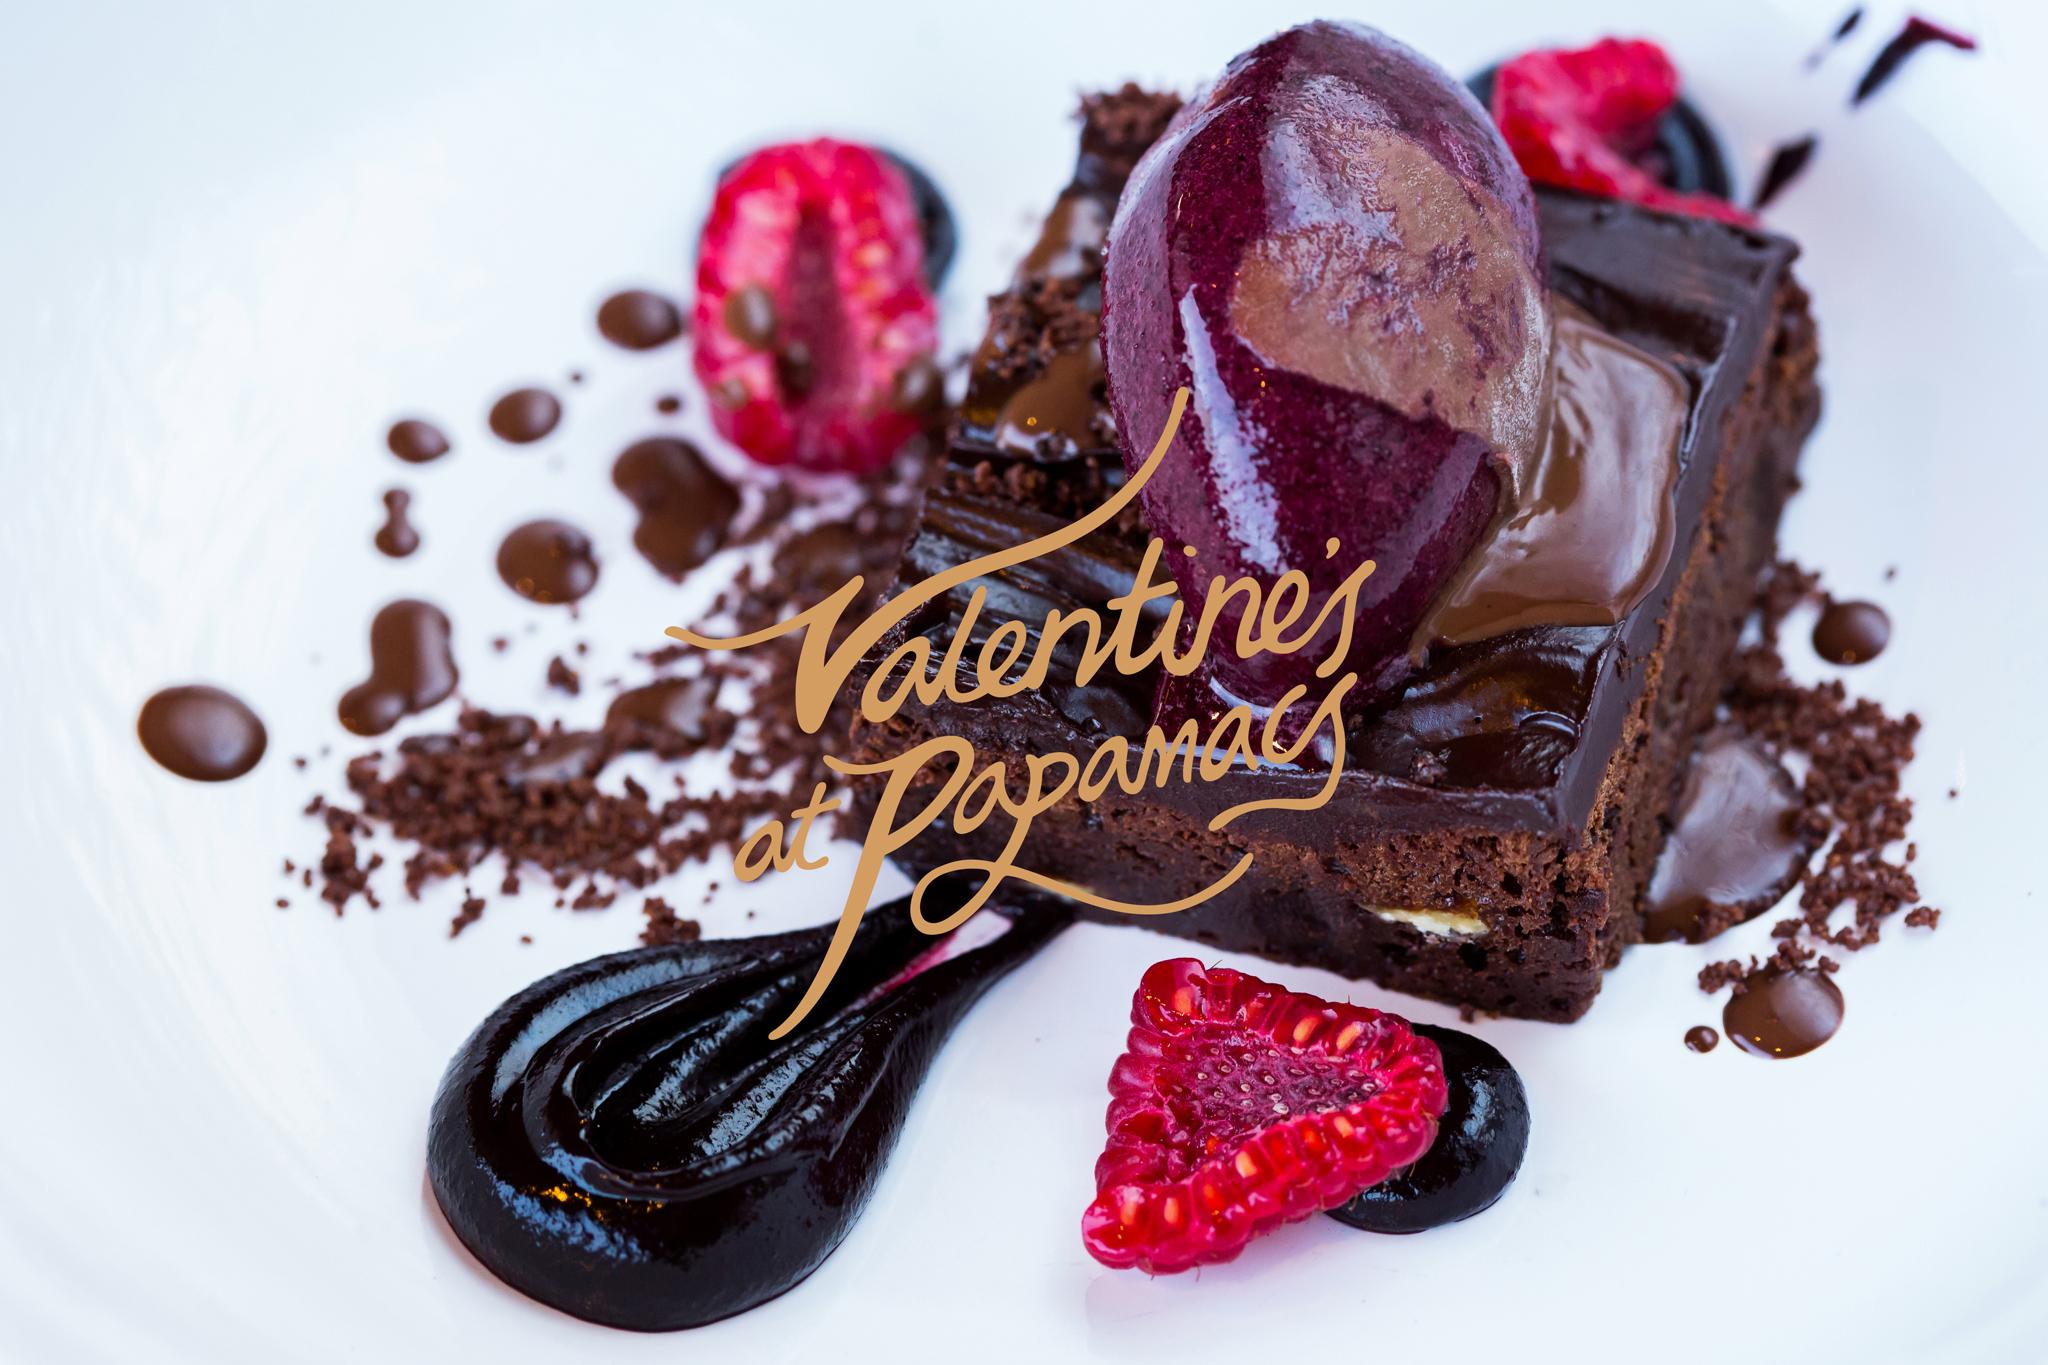 valentines-day-dinner-johnstone-renfrewshire-papamacs-gourmet-kitchen-restaurant.jpg